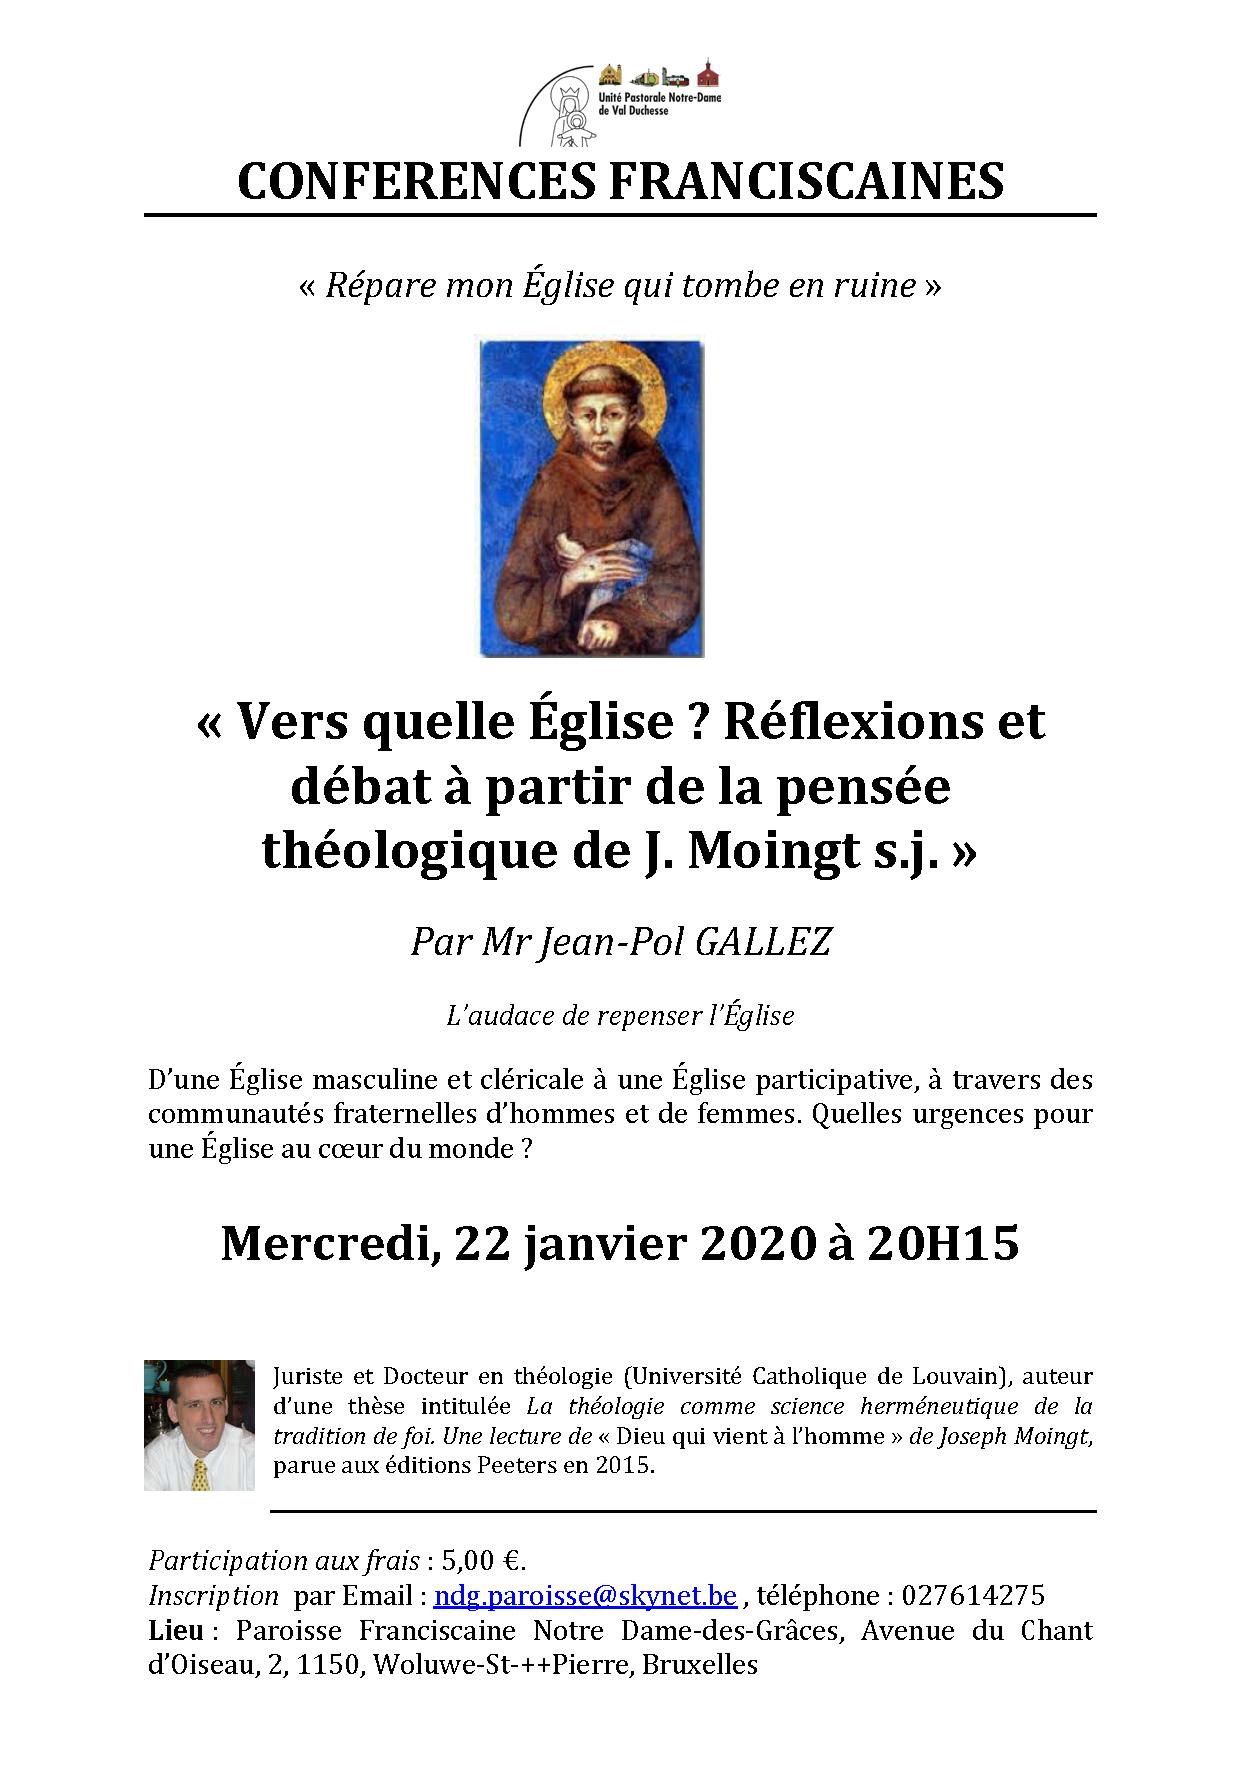 Conférence franciscaine : Vers quelle Eglise : l'audace de repenser l'Eglise @ Notre-Dame des Grâces (cure)